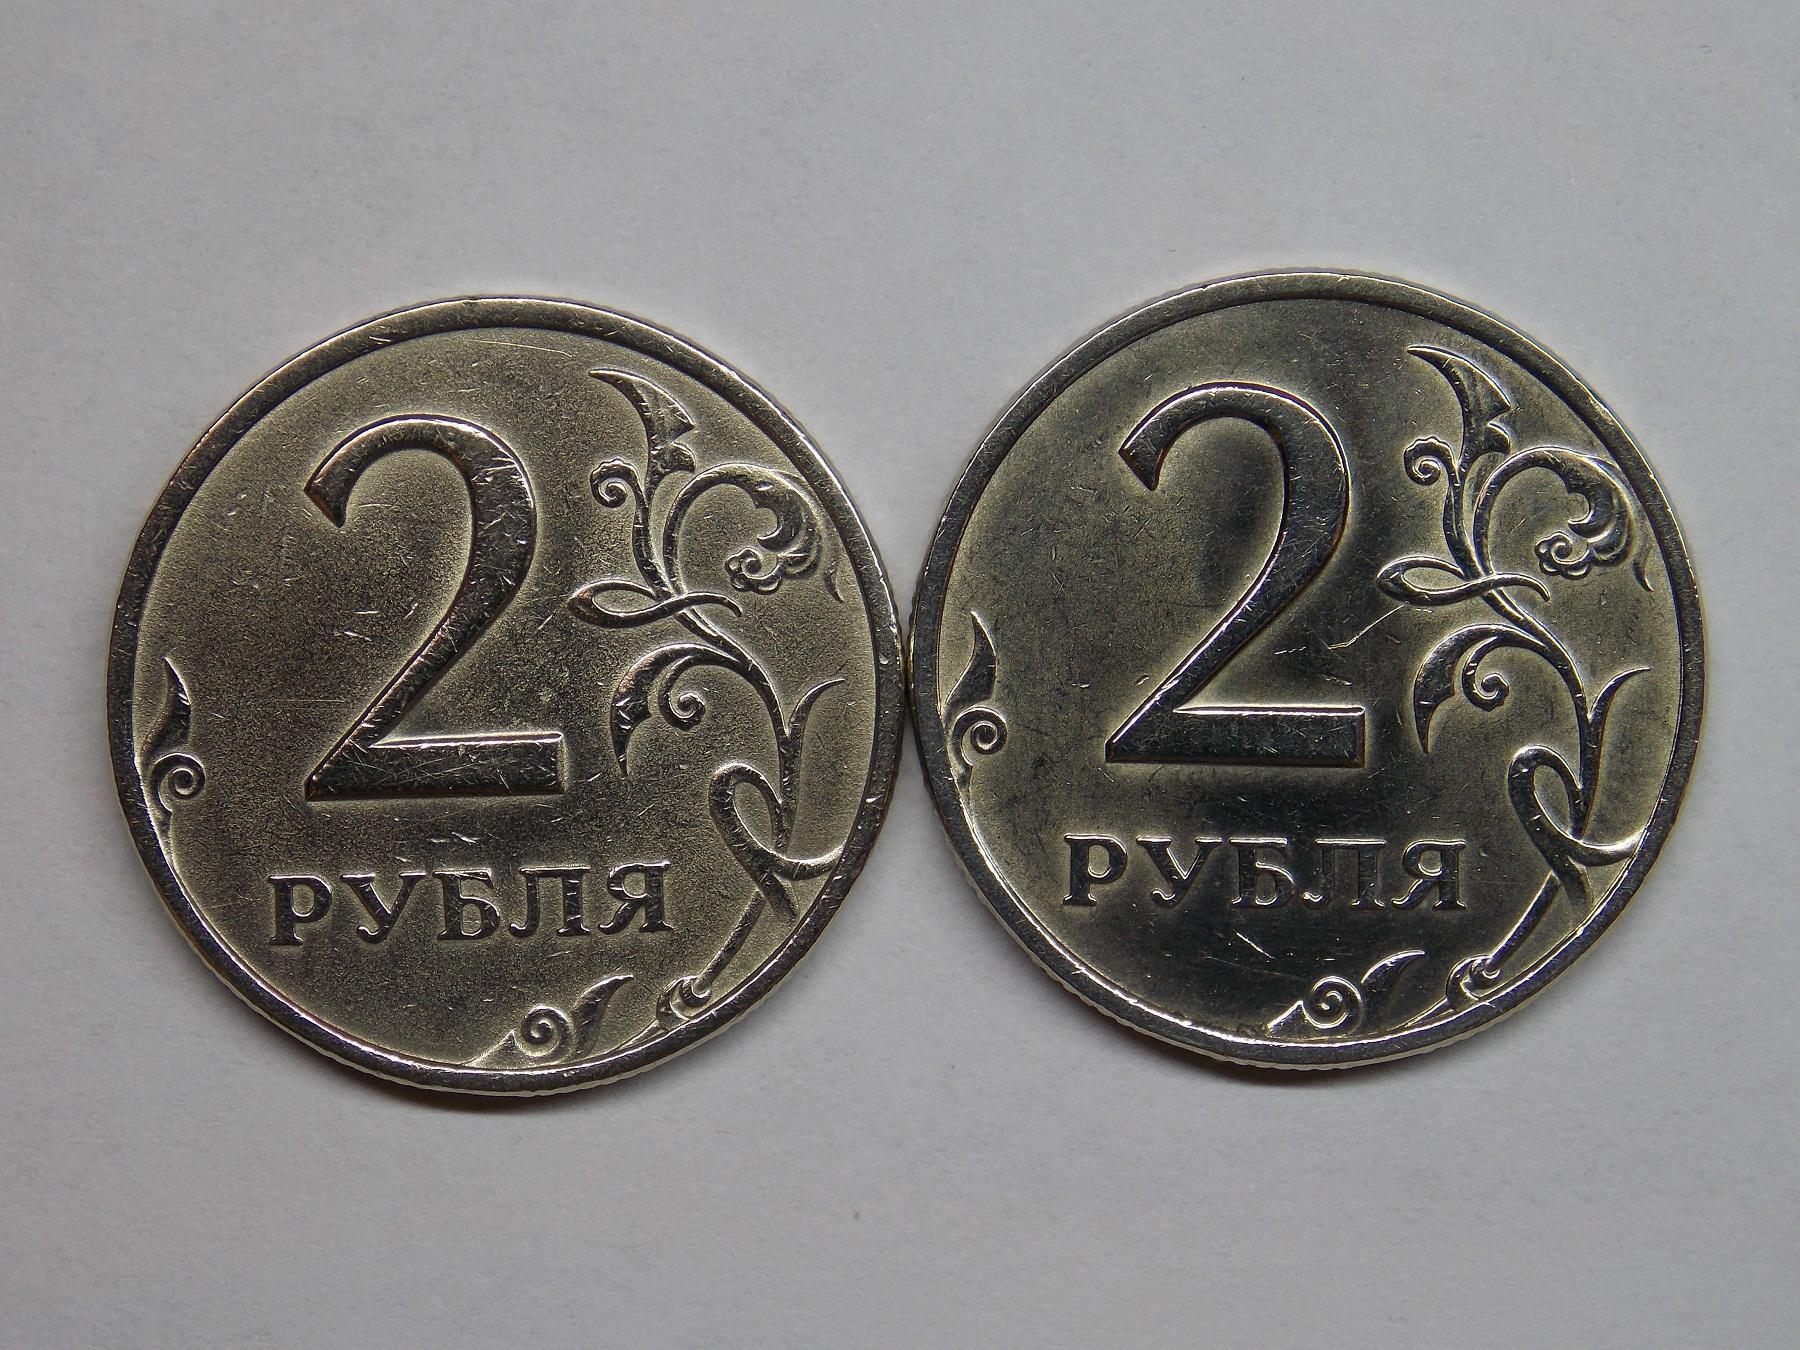 Стоимость монеты 2 рубля 1999 года сп м цена